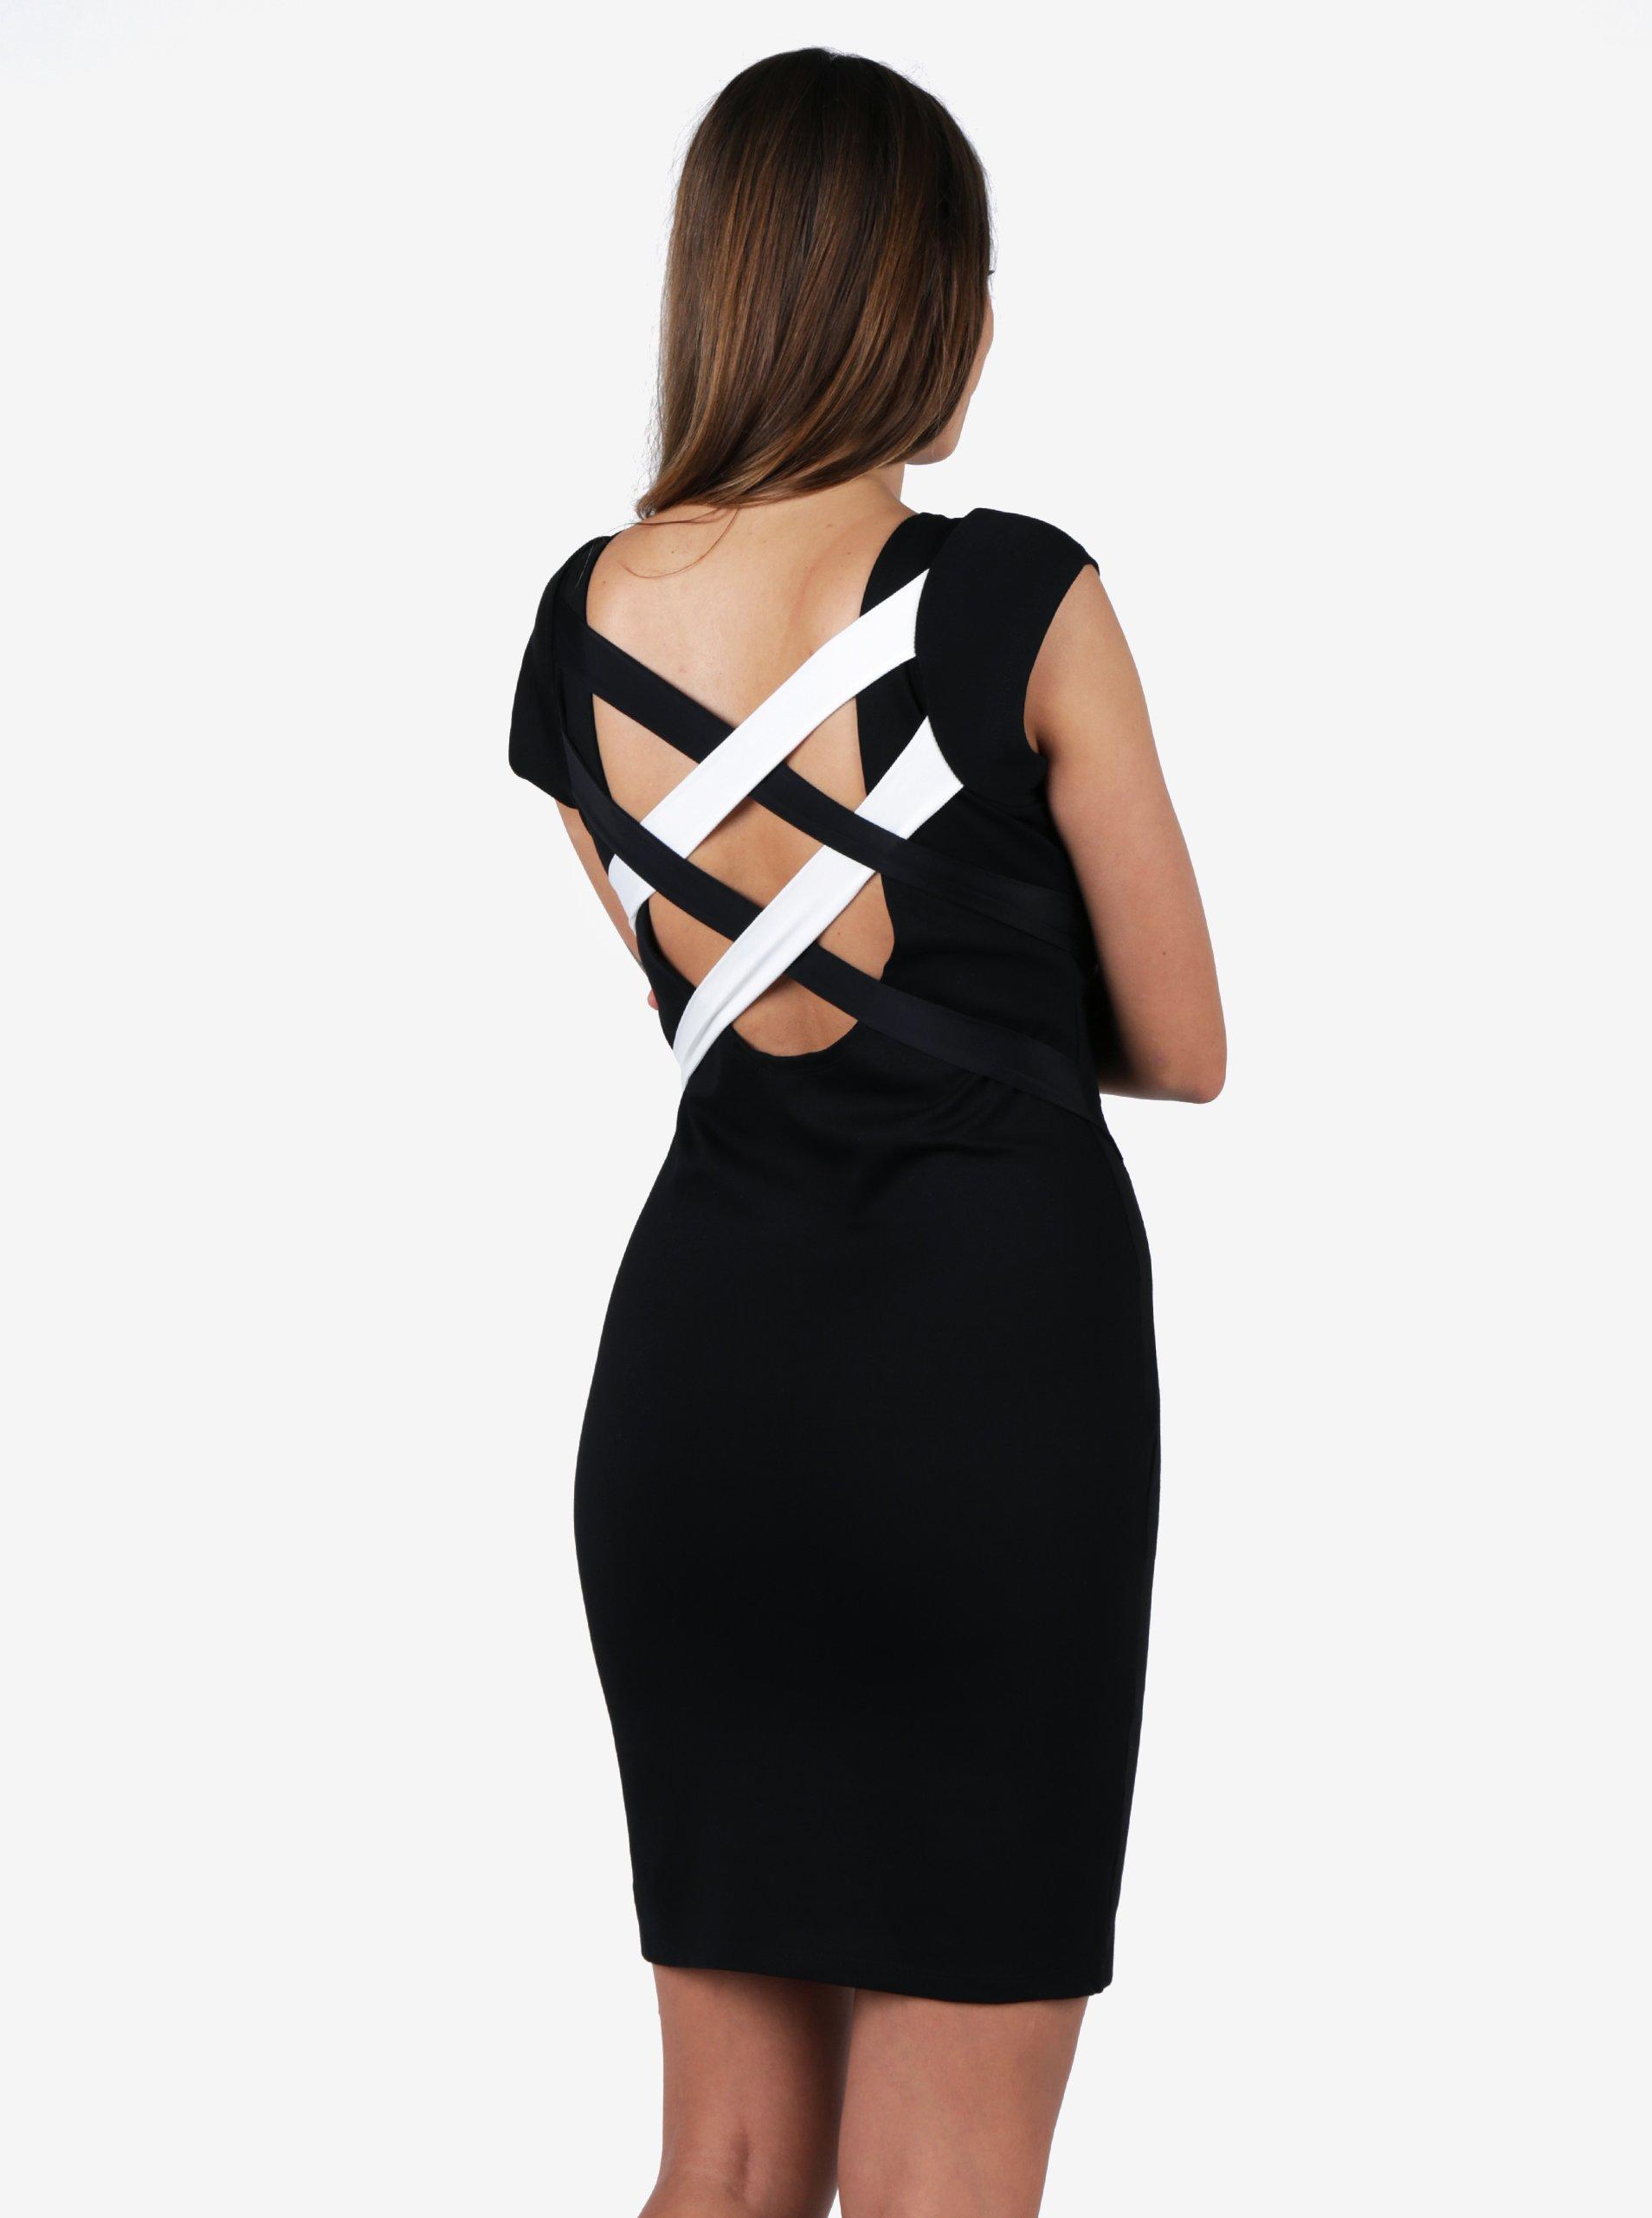 Bielo-čierne puzdrové šaty s pásikmi na chrbte ZOOT  563049a2102